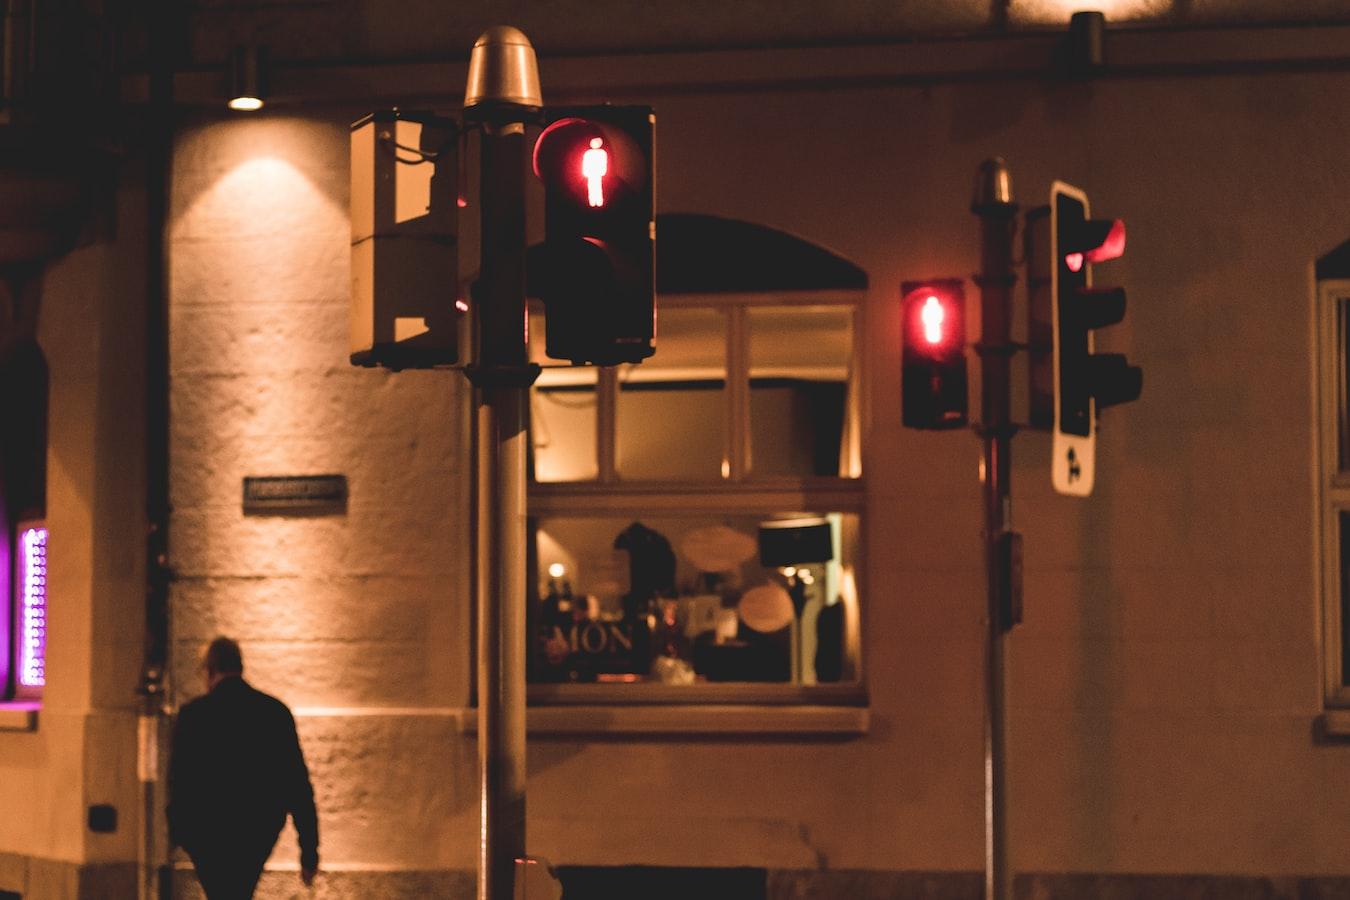 Yapay zeka tabanlı trafik yönetimi ile ışıklarda bekleme azalıyor!